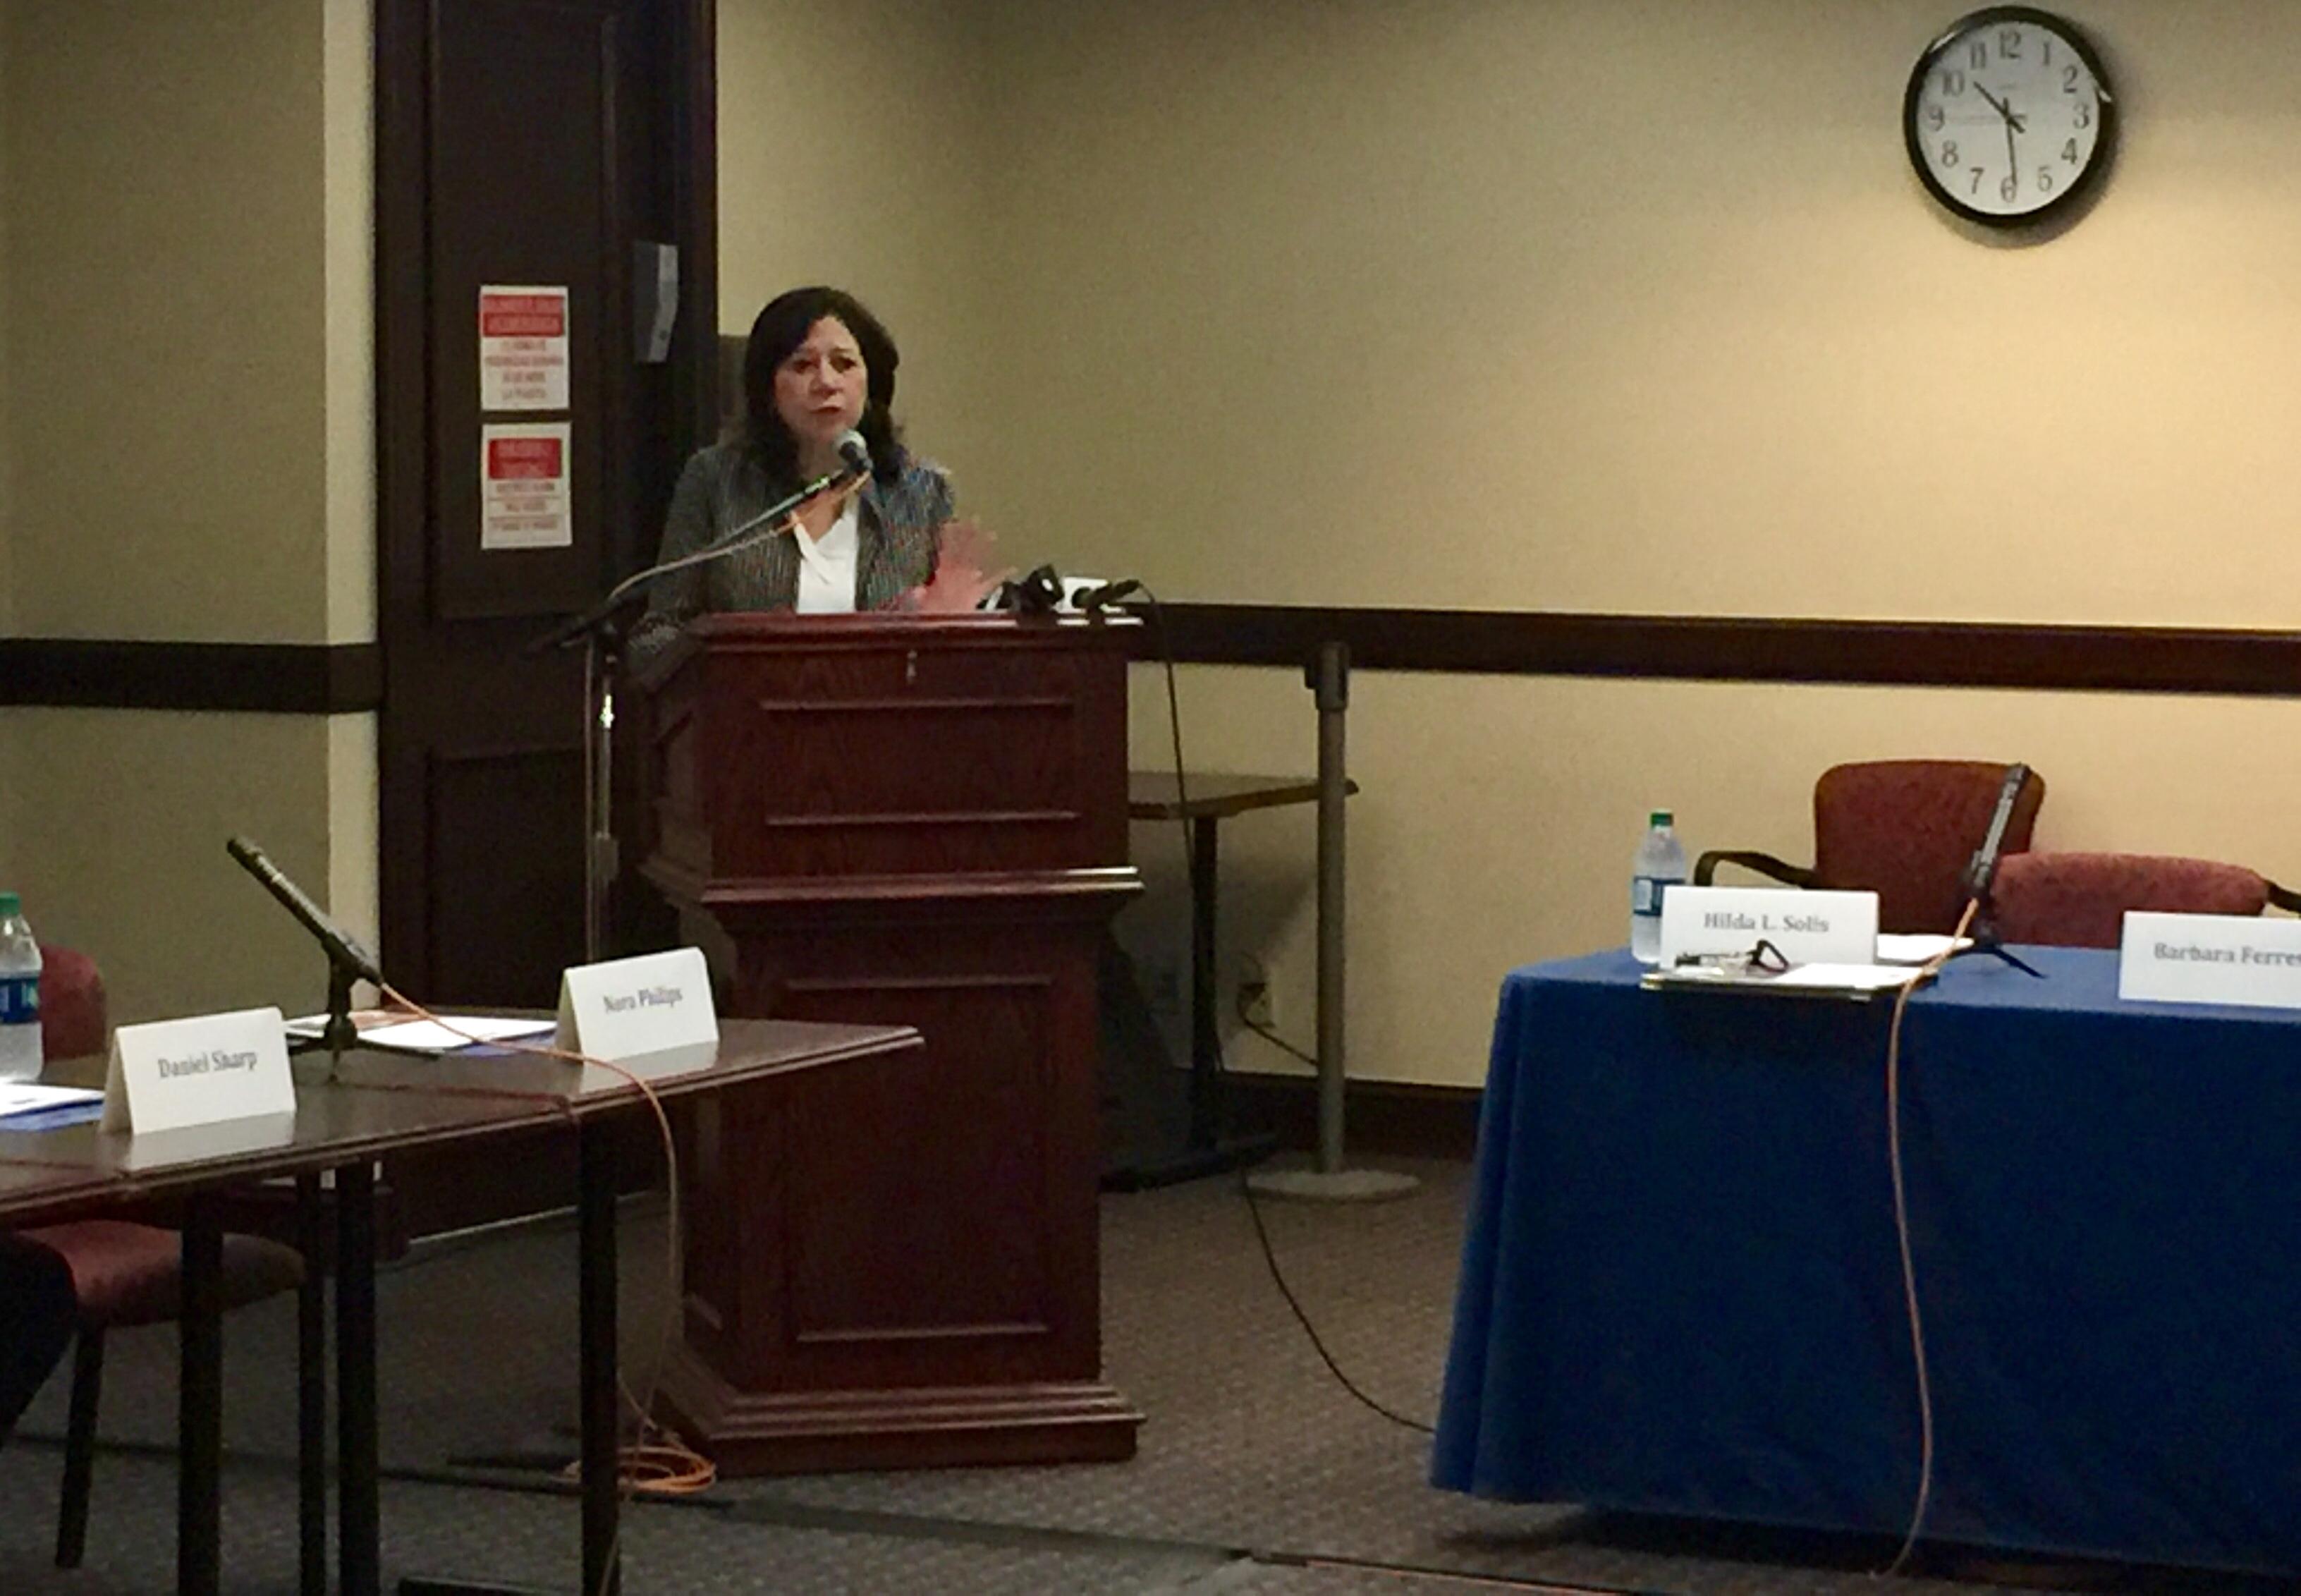 La supervisora Hilda Solís habló en una reunión con representantes de los medios étnicos de Los Ángeles, de los servicios que el condado ofrece a los inmigrantes. (Araceli Martínez/La Opinión).